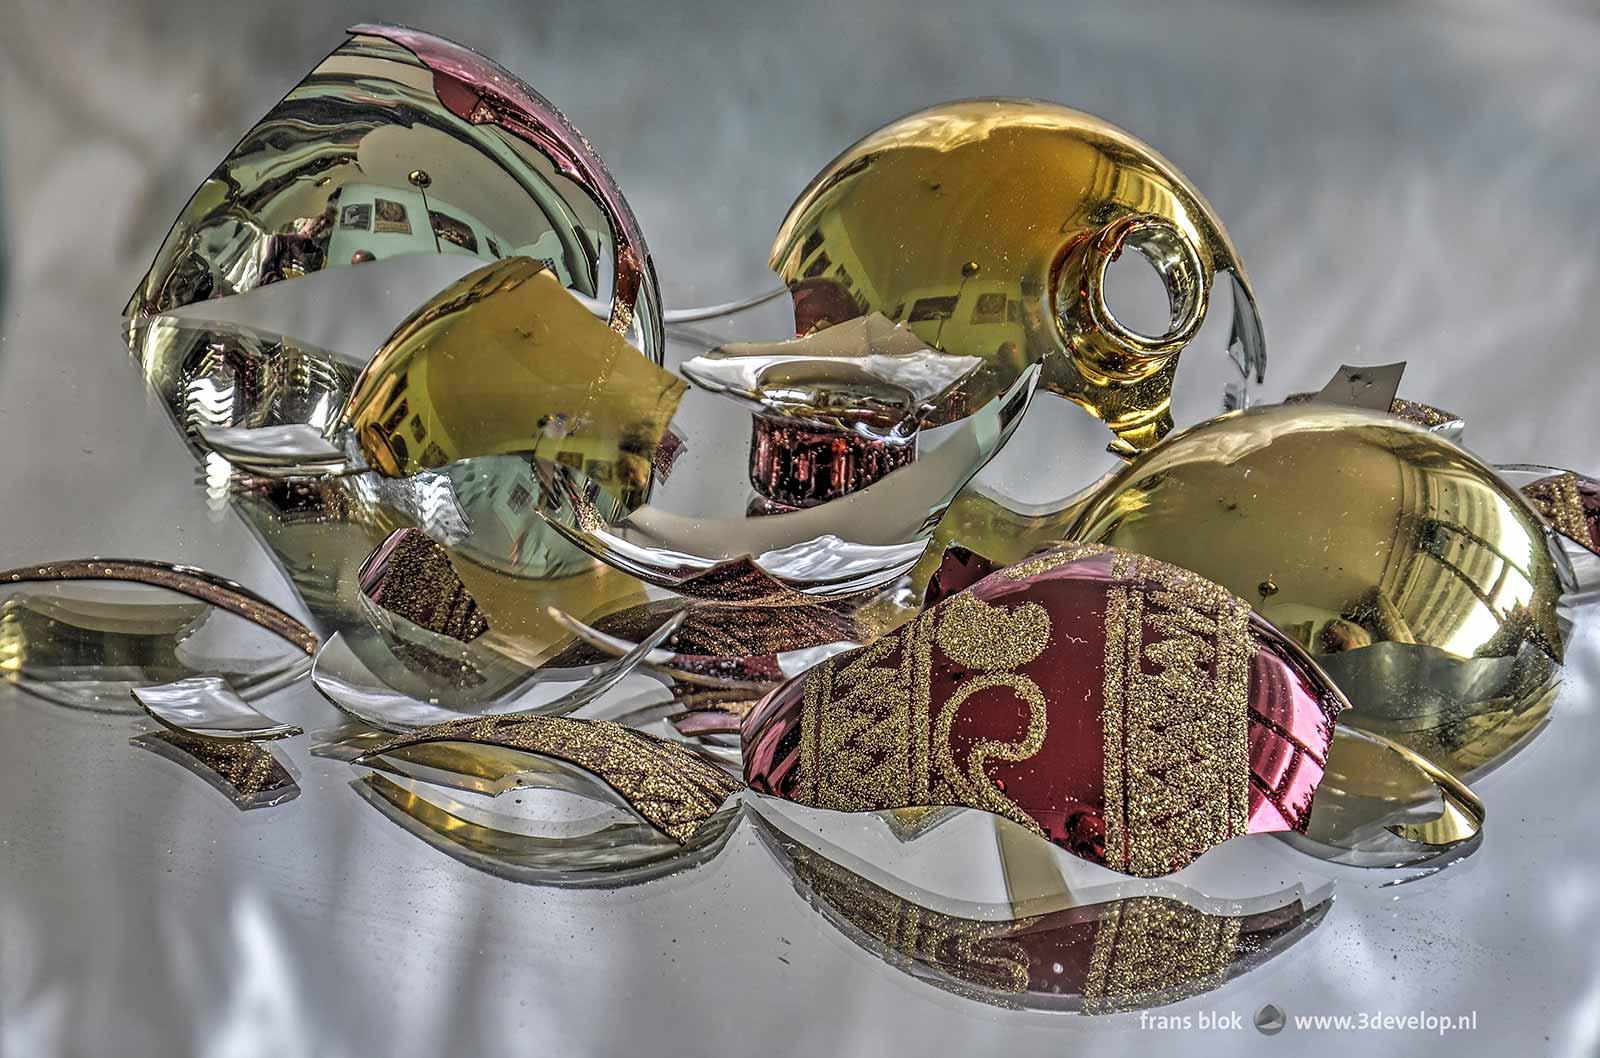 Scherven van een rode en een goudkleurige kerstbal, gerangschikt op een spiegel.